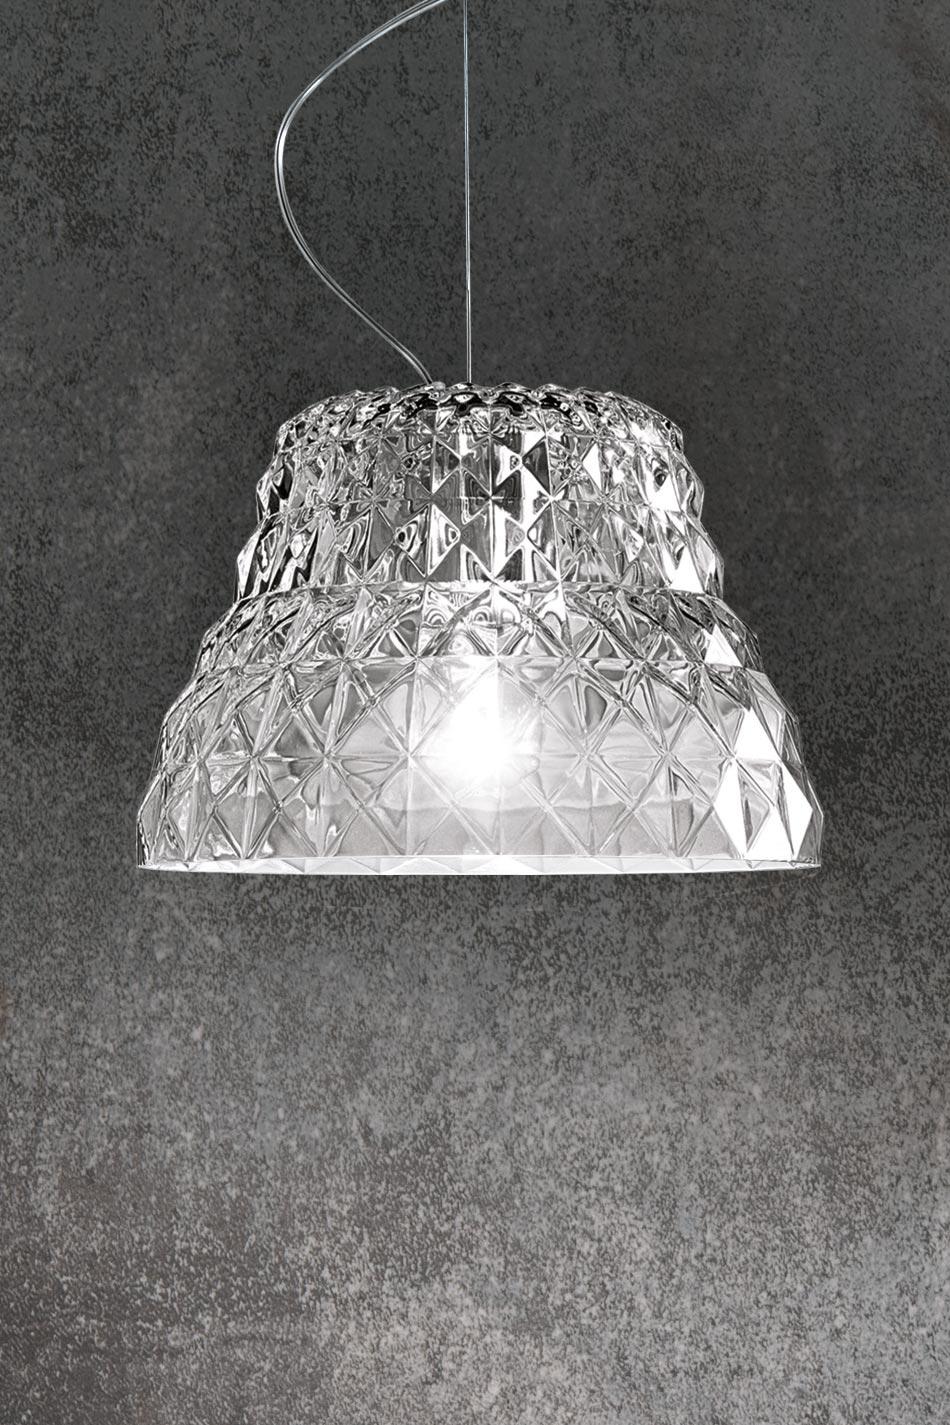 Suspension en cristal taill atelier r f 13080014 - Suspension en cristal ...